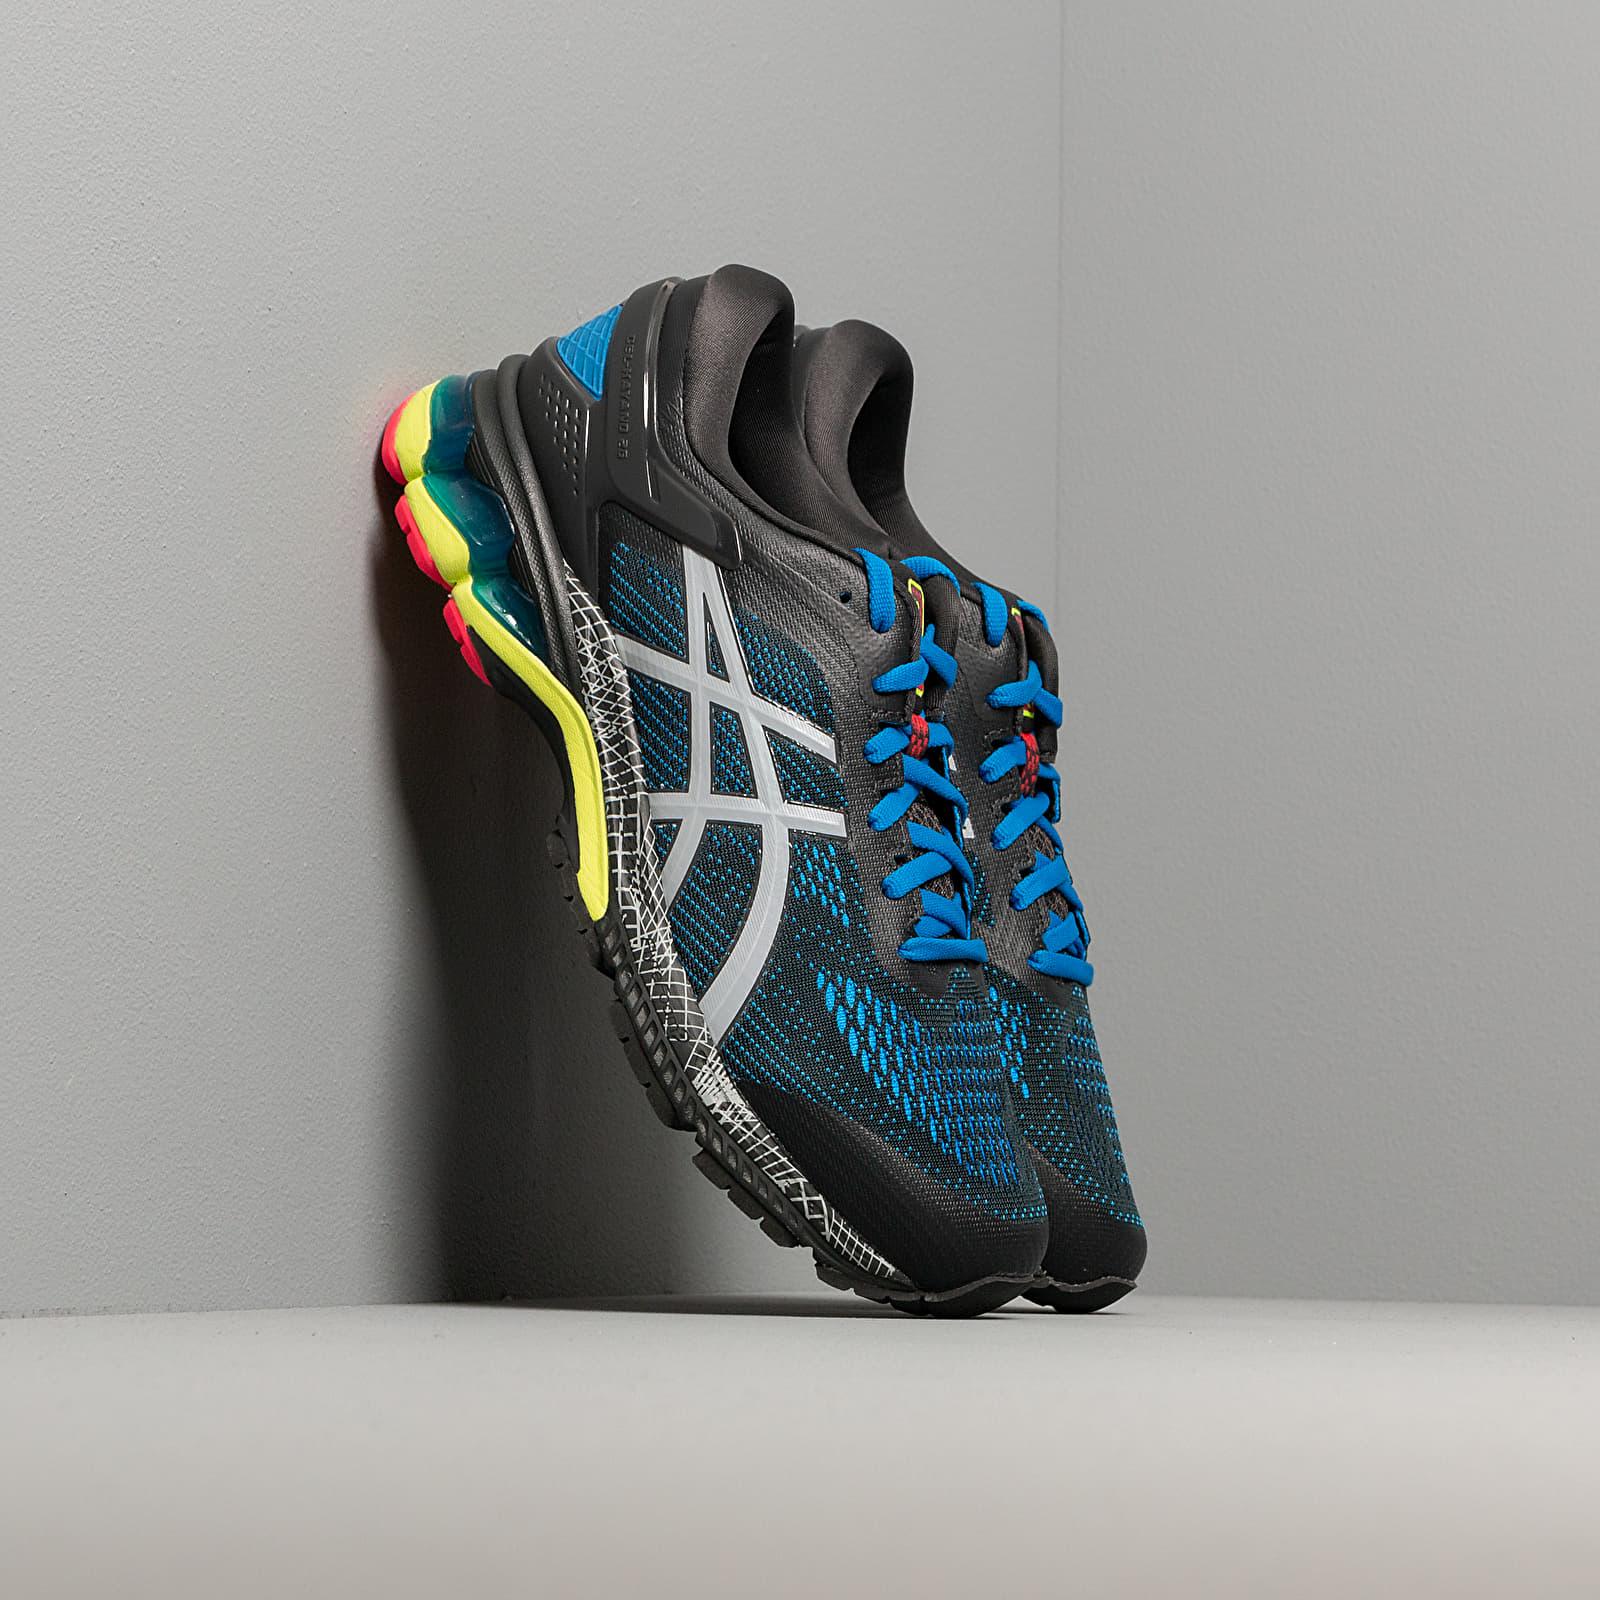 Herren Sneaker und Schuhe Asics Gel-Kayano 26 LS Graphite Grey/ Piedmont Grey